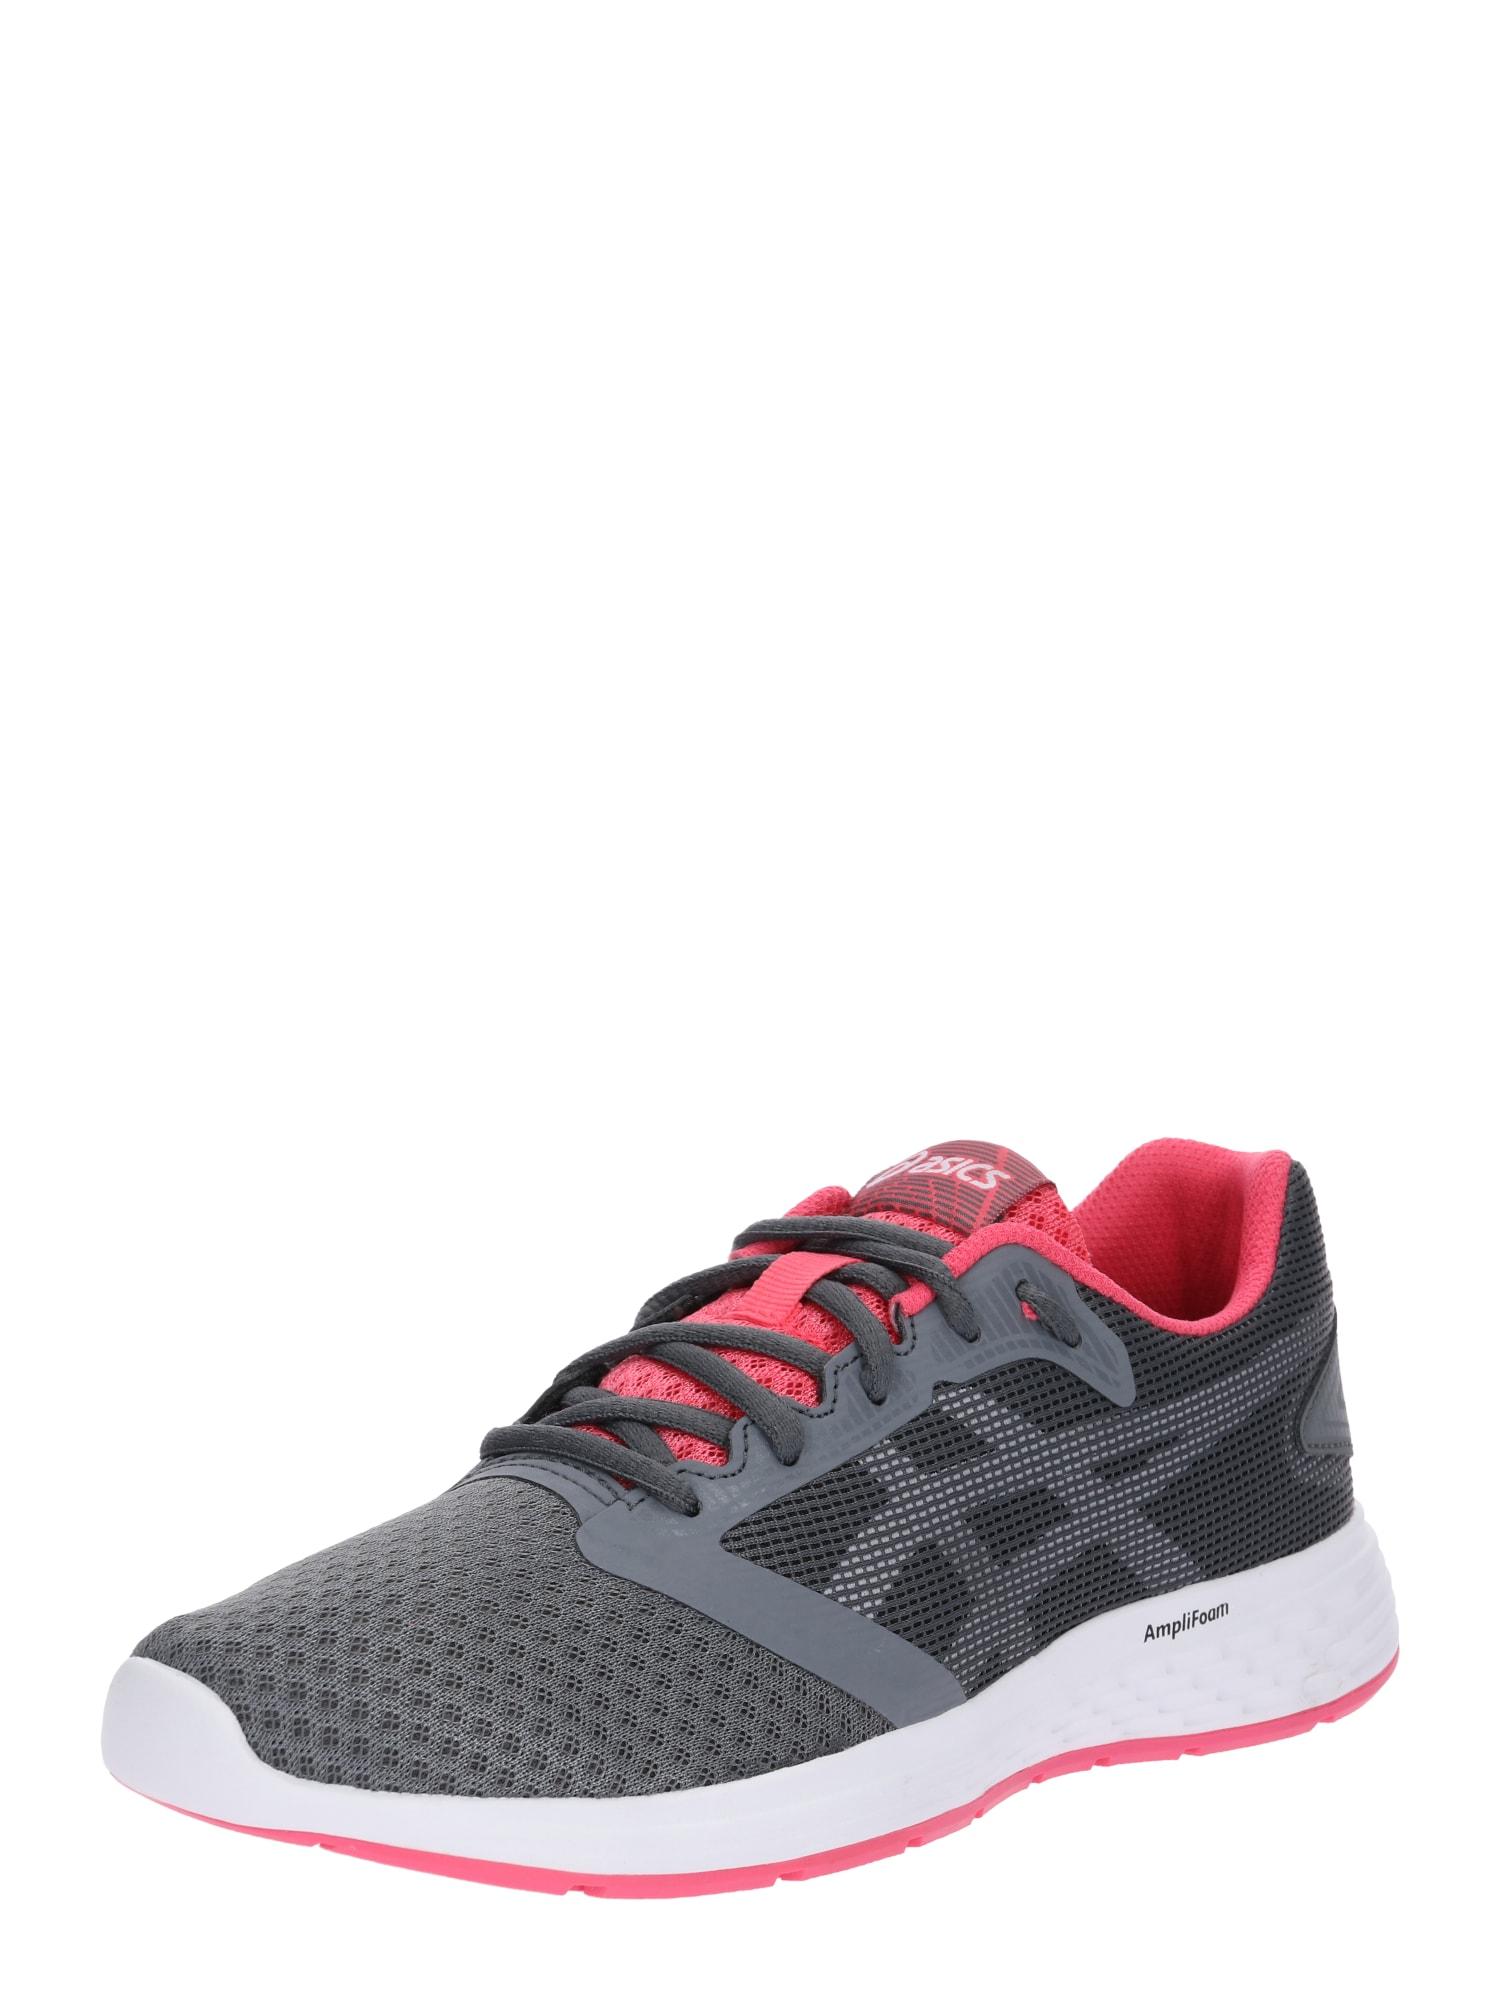 Běžecká obuv PATRIOT 10 šedá pink ASICS